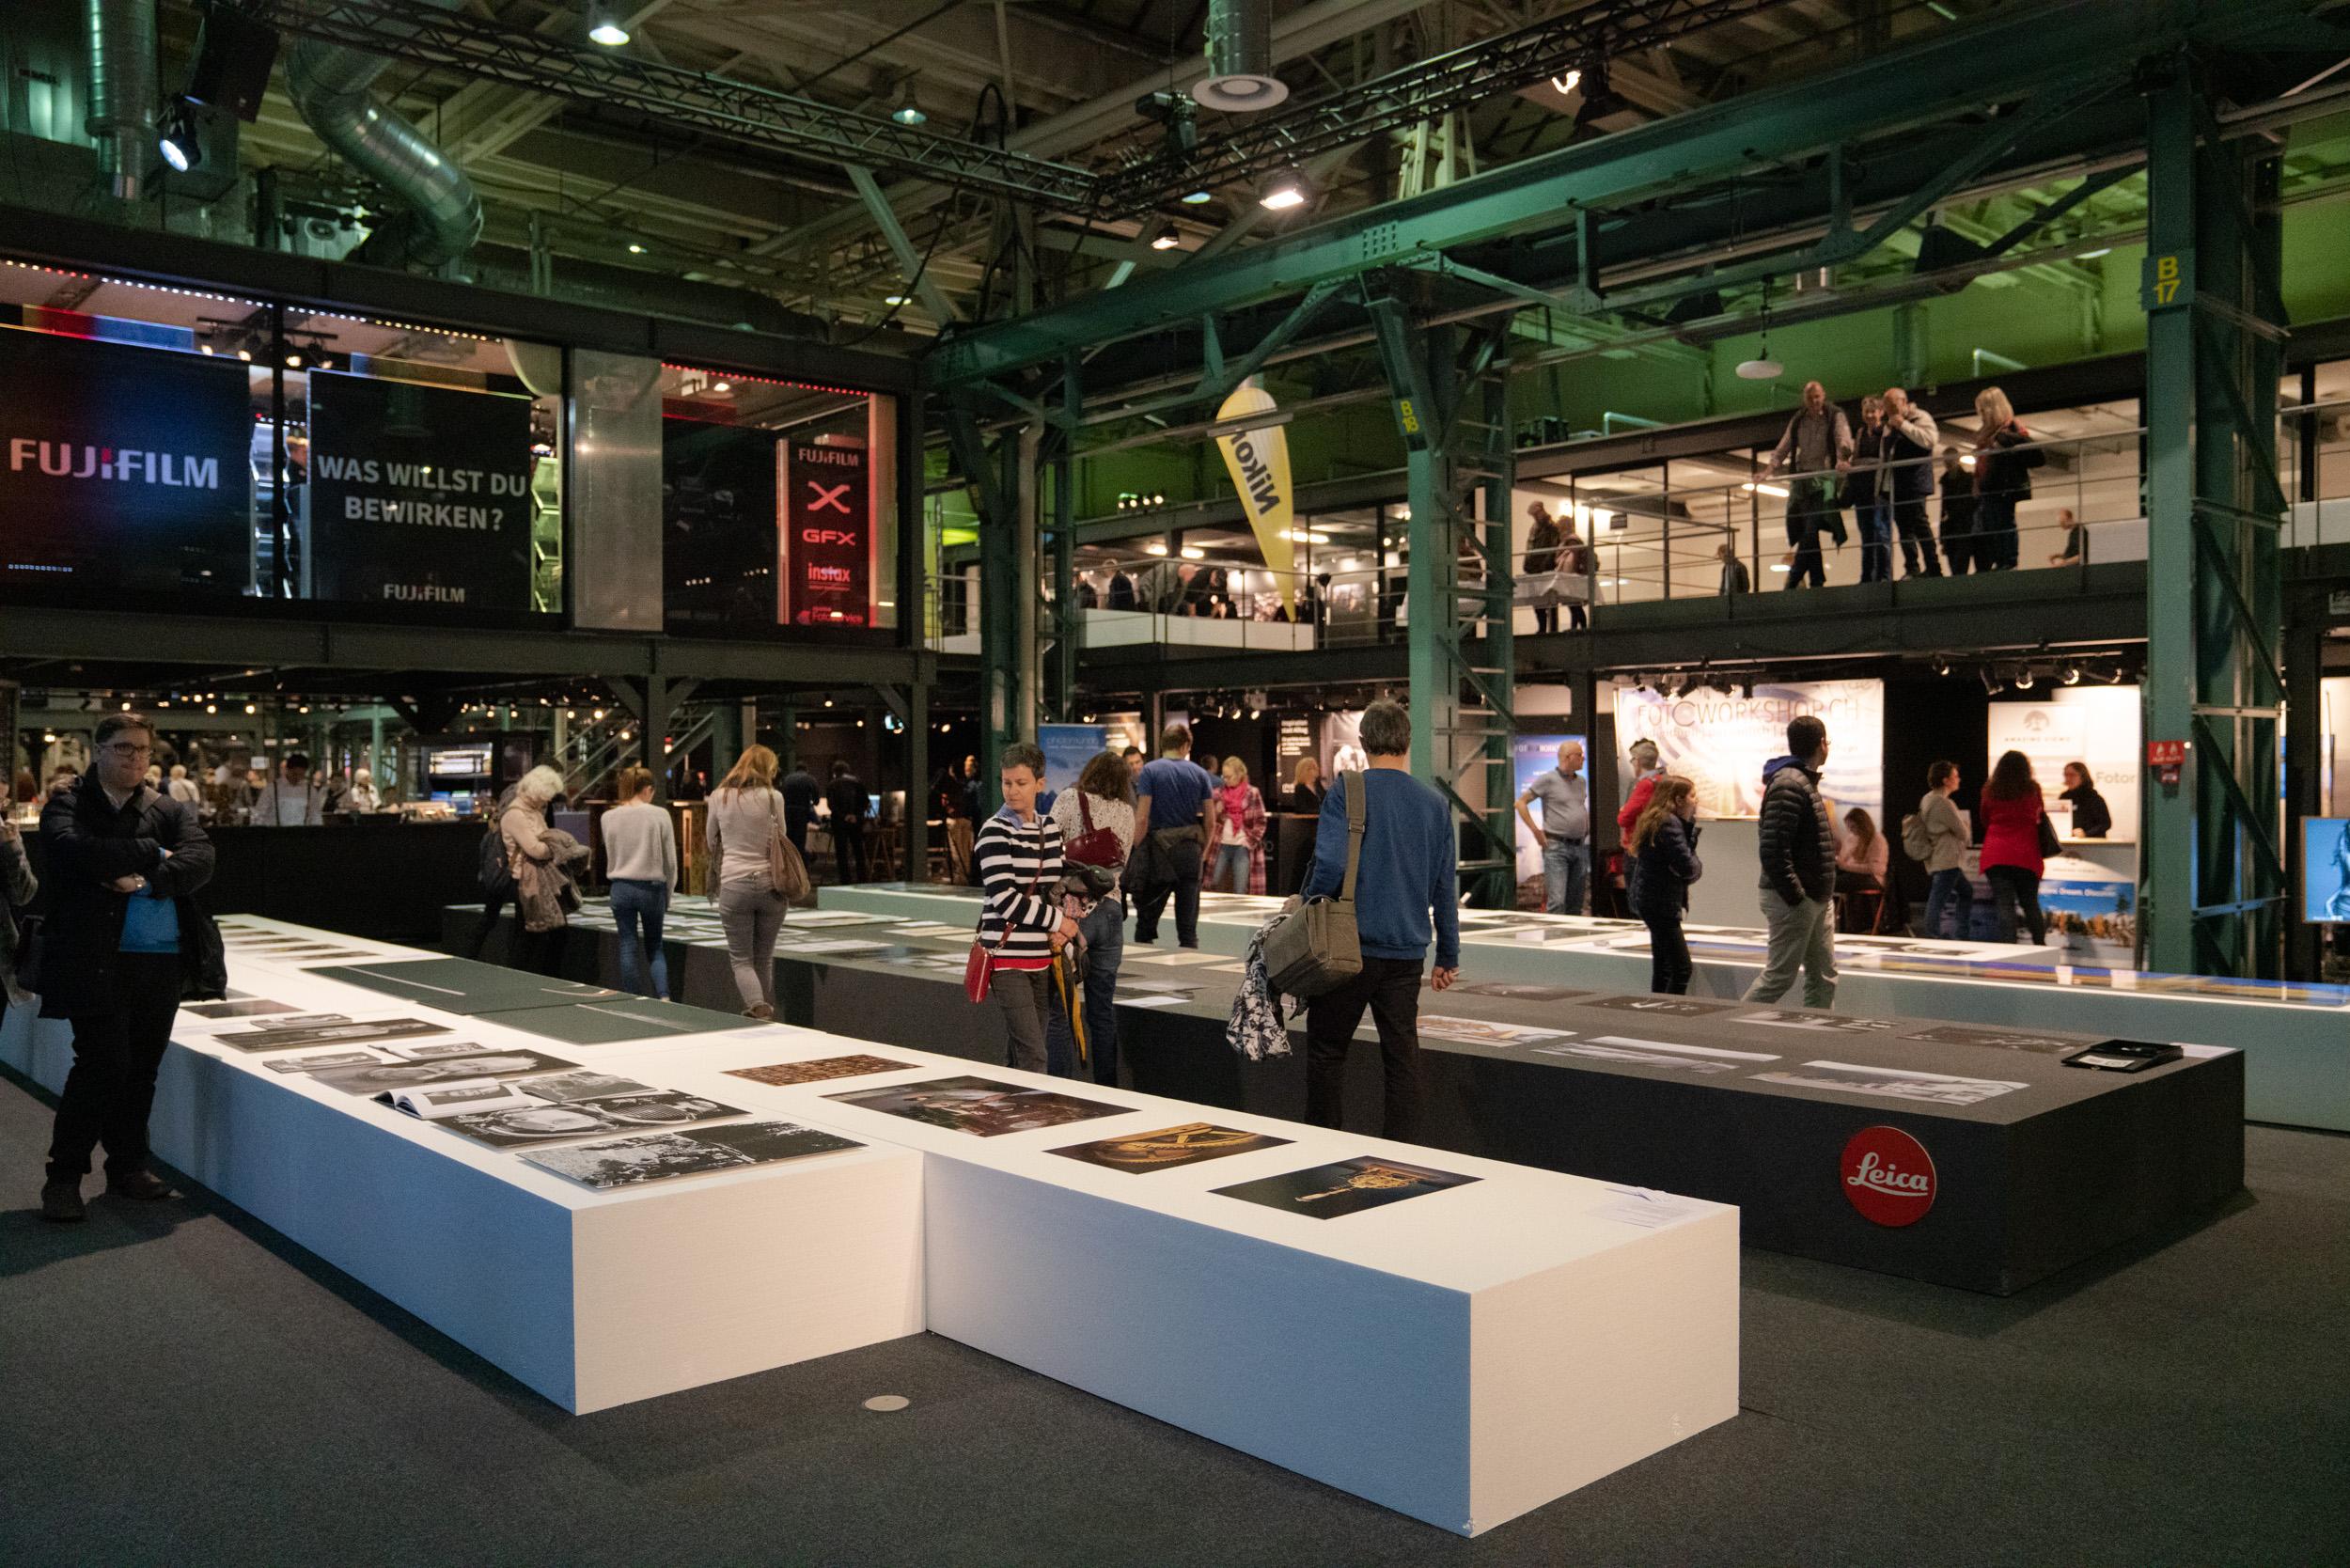 Impressionen von der Ausstellungin der Stage one halle - Klicken für Bildgalerie